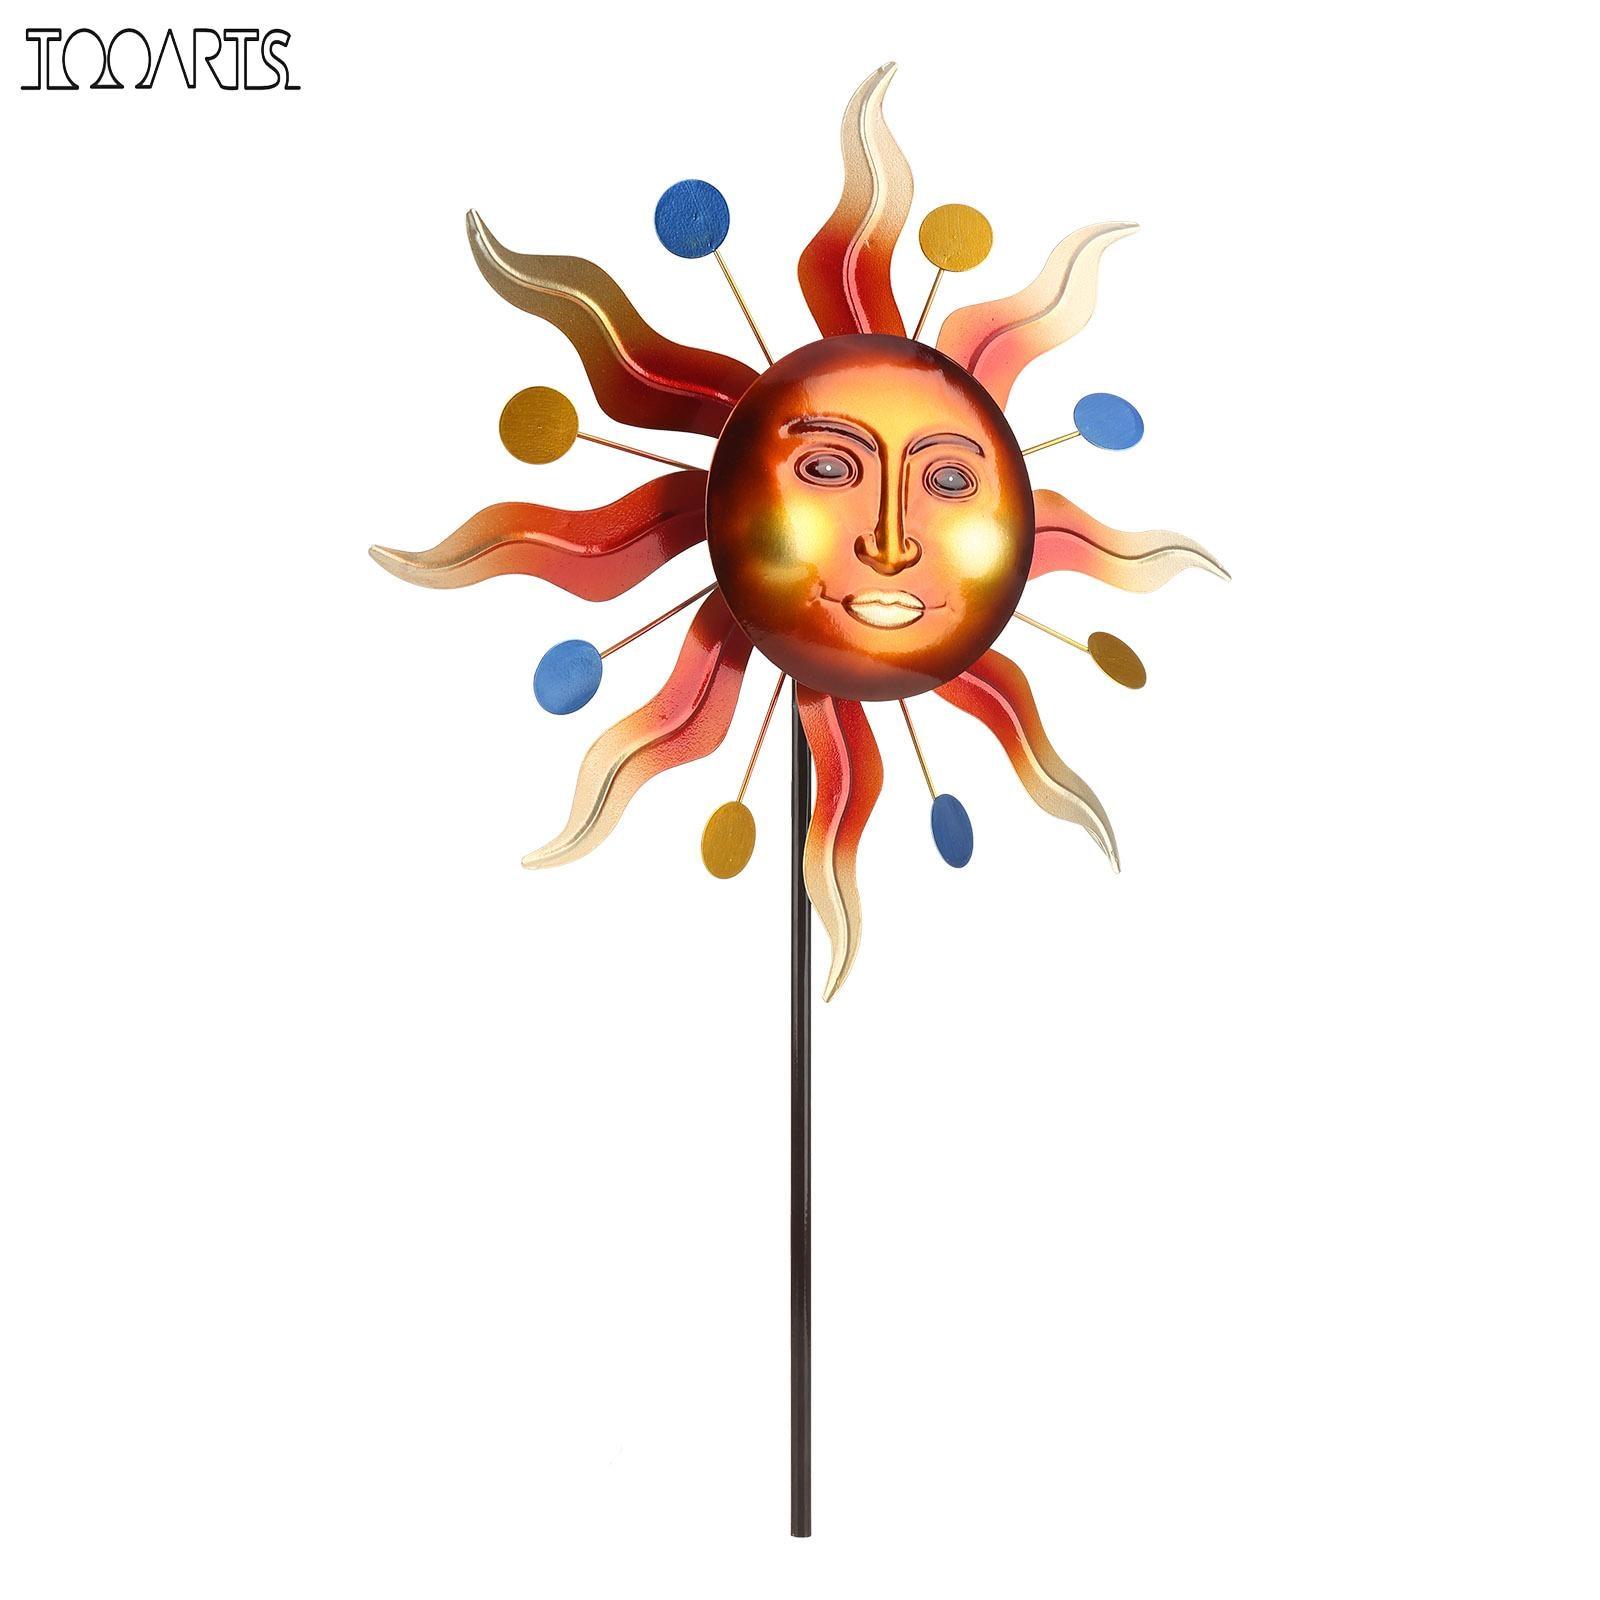 Tooarts-طاحونة هوائية مع وجه ضوء الشمس ، لوحة عاكسة ثلاثية الأبعاد ، ديكور حديقة وعشب ، نمط قديم